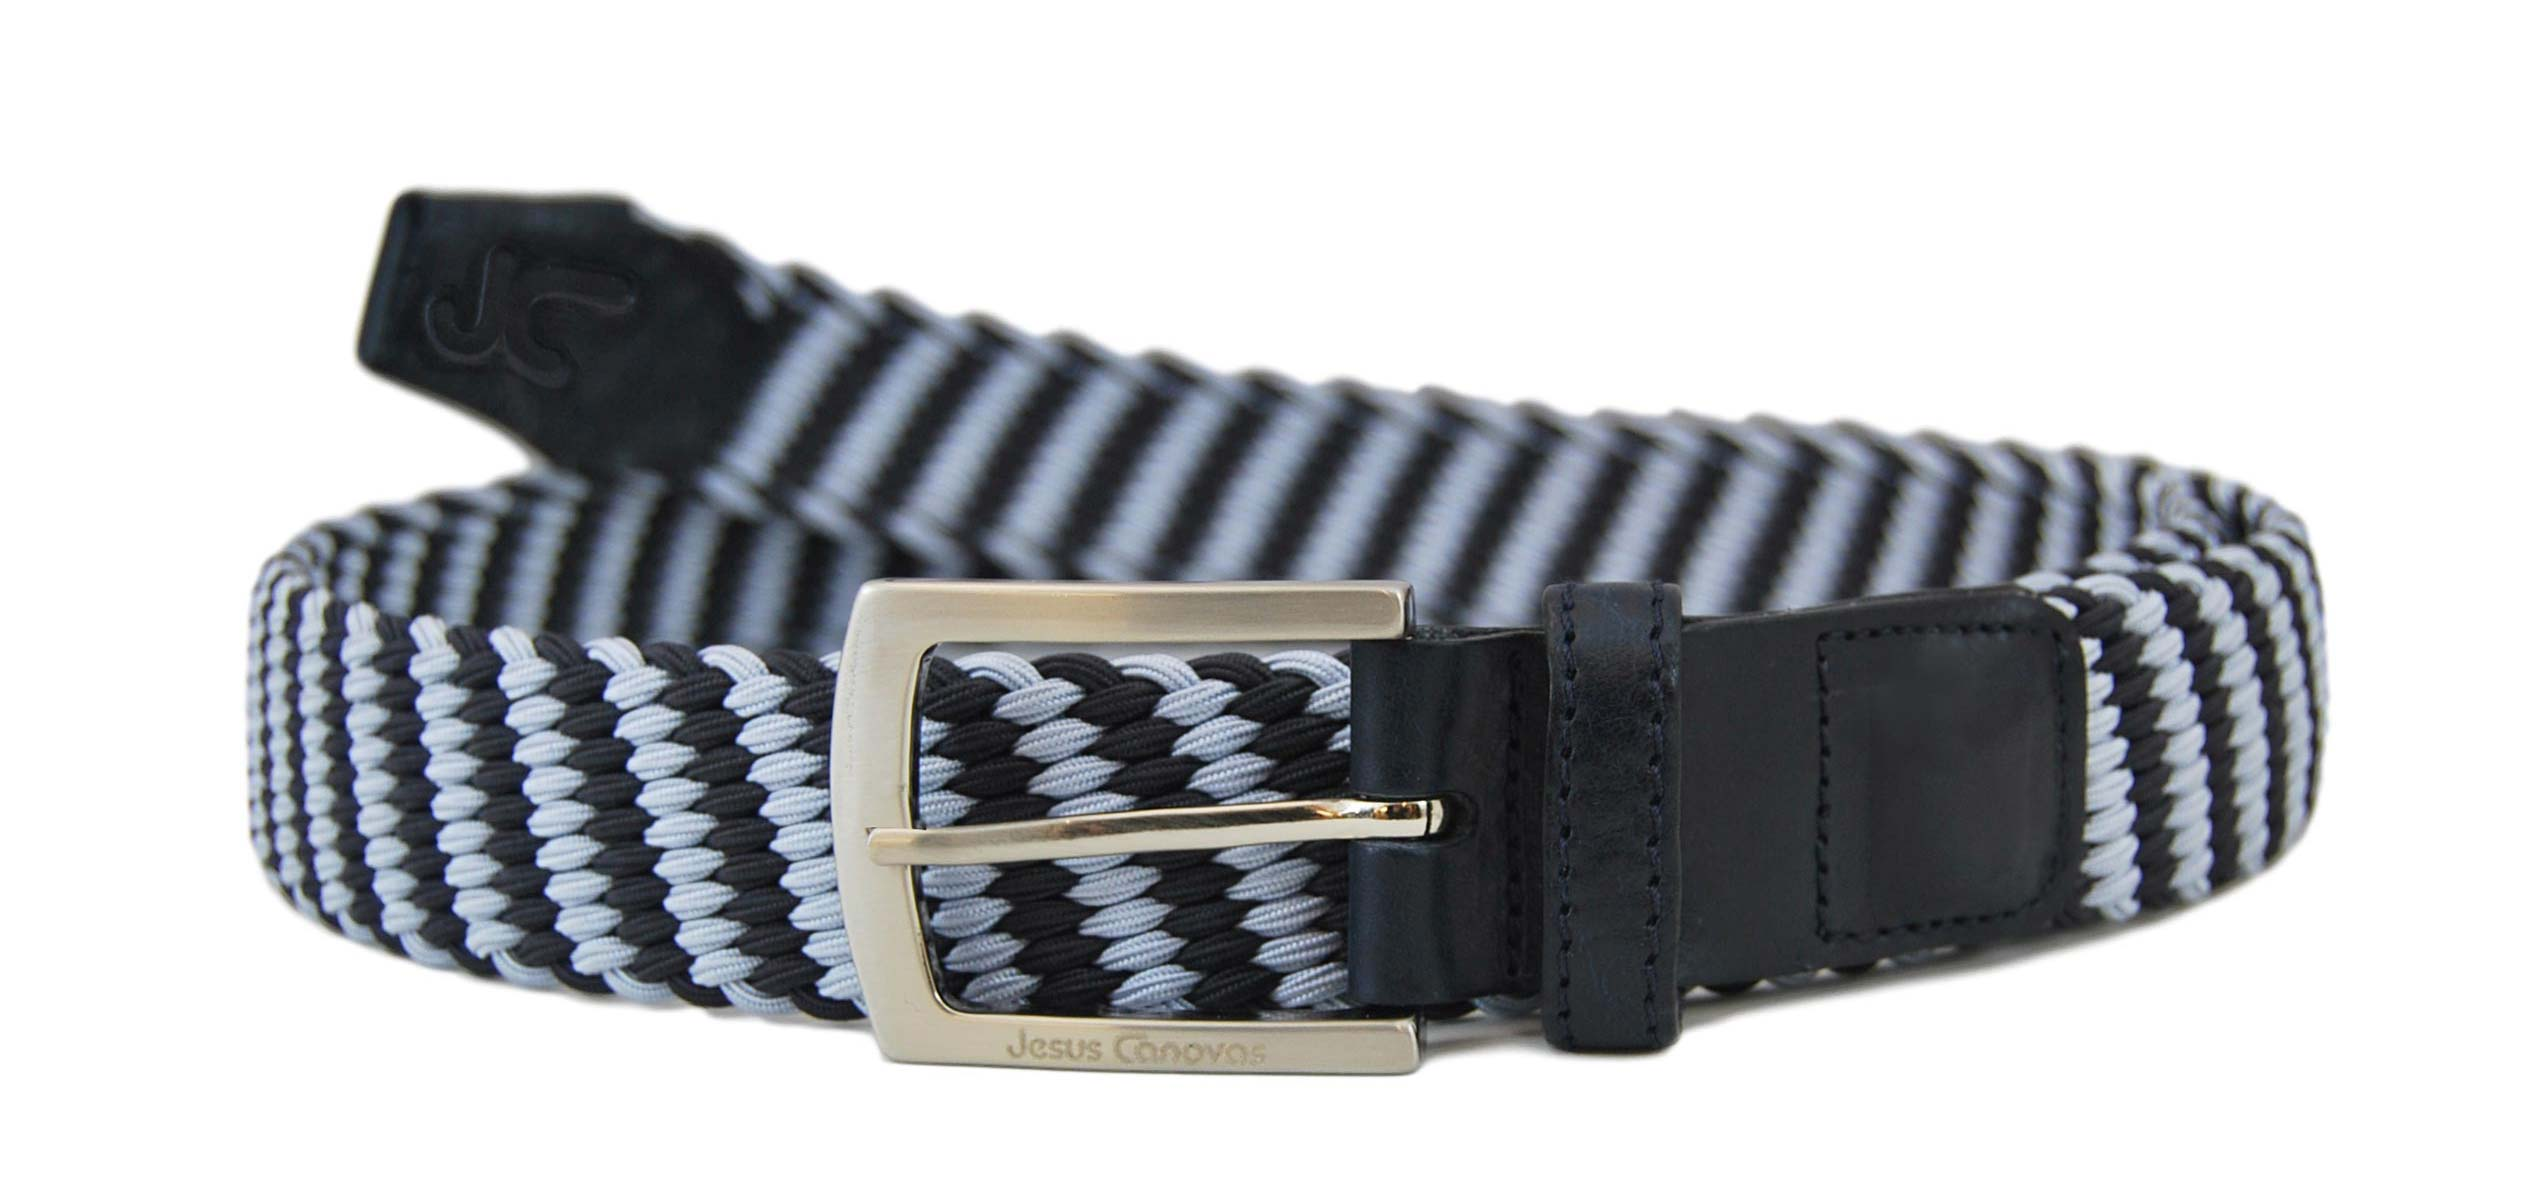 Foto 1 de Cinturon Trenzado Elastico Marino-Cielo